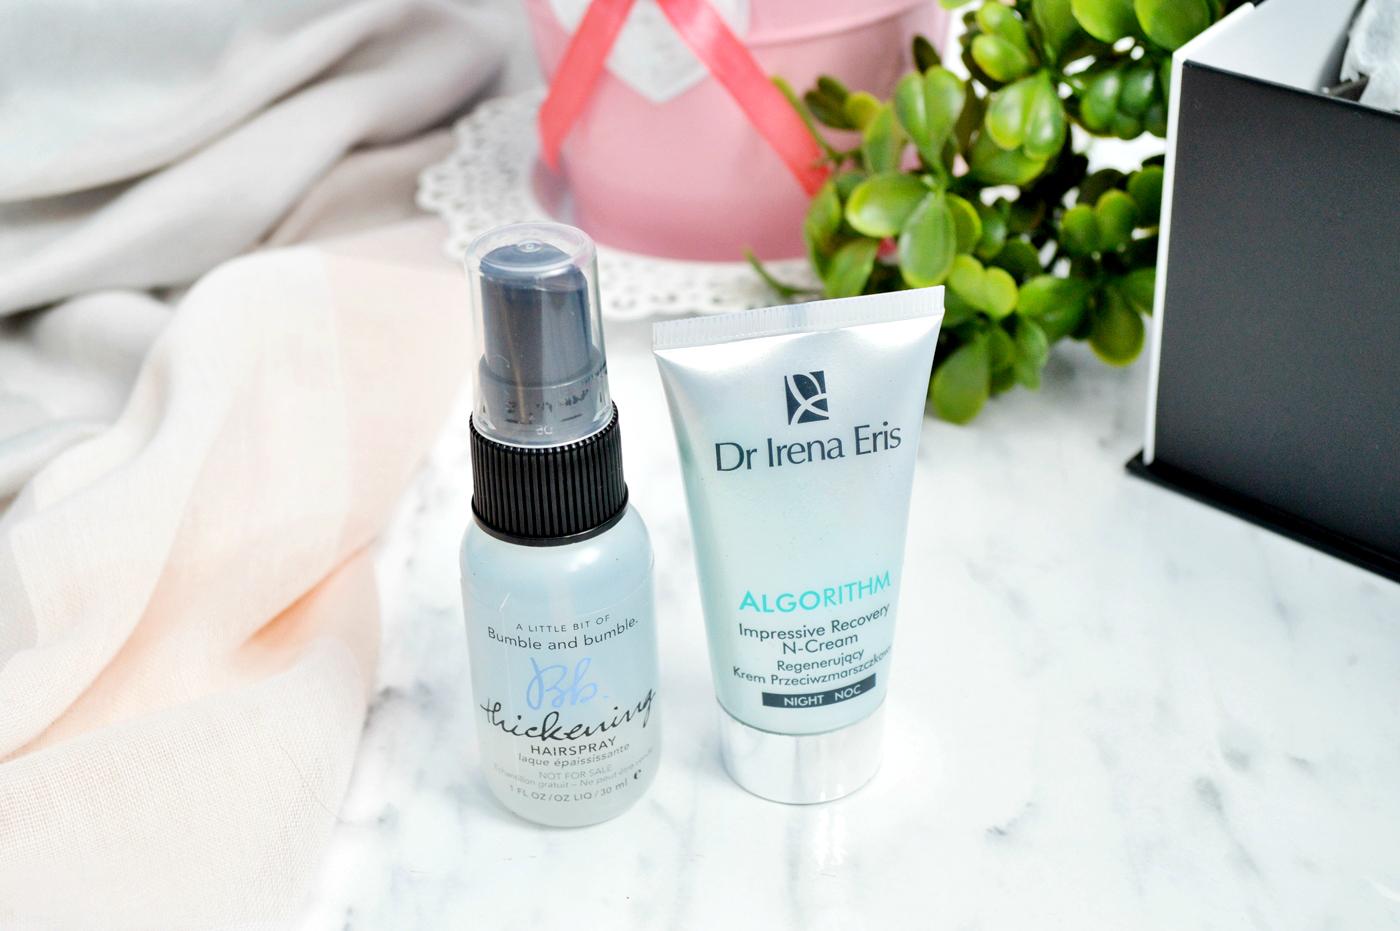 spray zwiększający objętość włosów BUMBLE&BUMBLE Krem na noc Algorithm DR IRENA ERIS